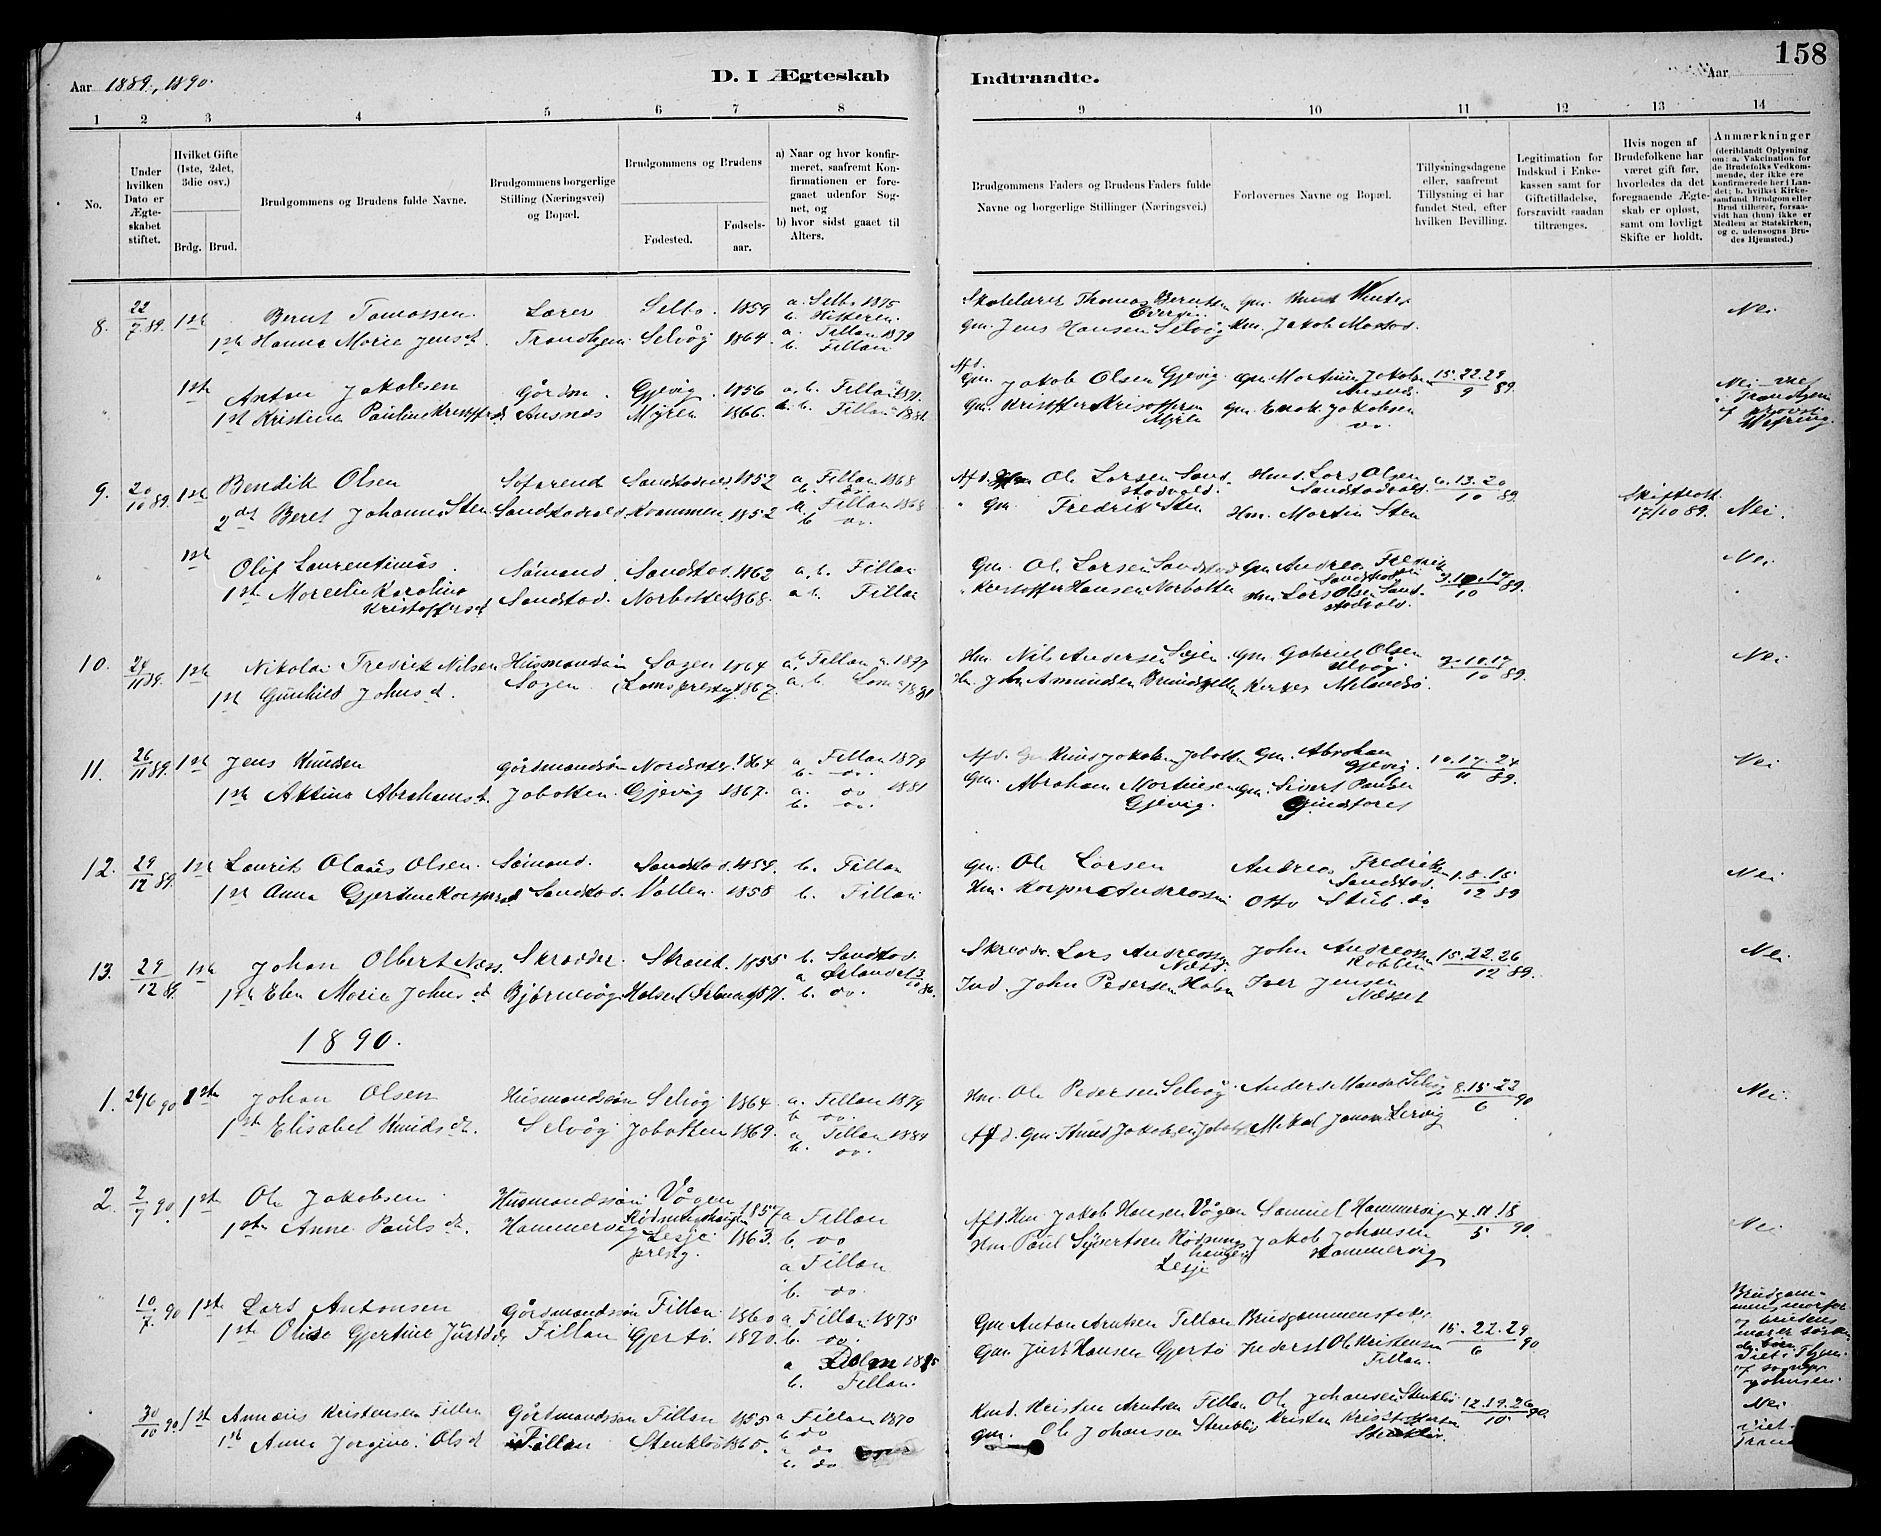 SAT, Ministerialprotokoller, klokkerbøker og fødselsregistre - Sør-Trøndelag, 637/L0562: Klokkerbok nr. 637C03, 1883-1898, s. 158